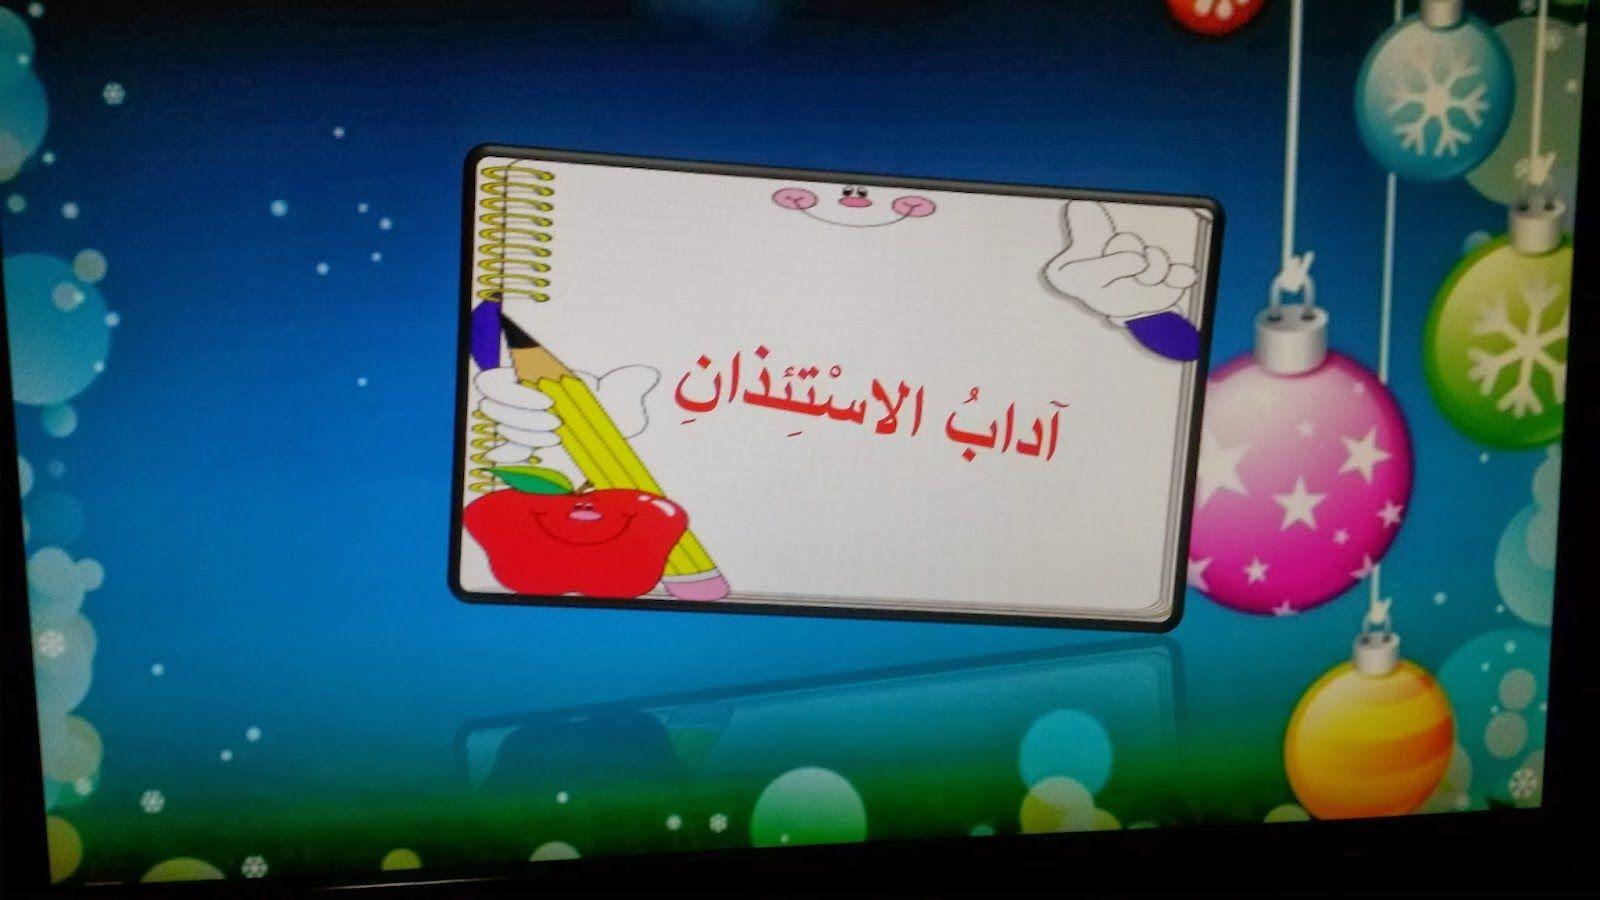 درس اداب الاستئذان مادة لغتي للصف الثاني الابتدائي الفصل الثاني المنهج السعودي Youtube Lesson